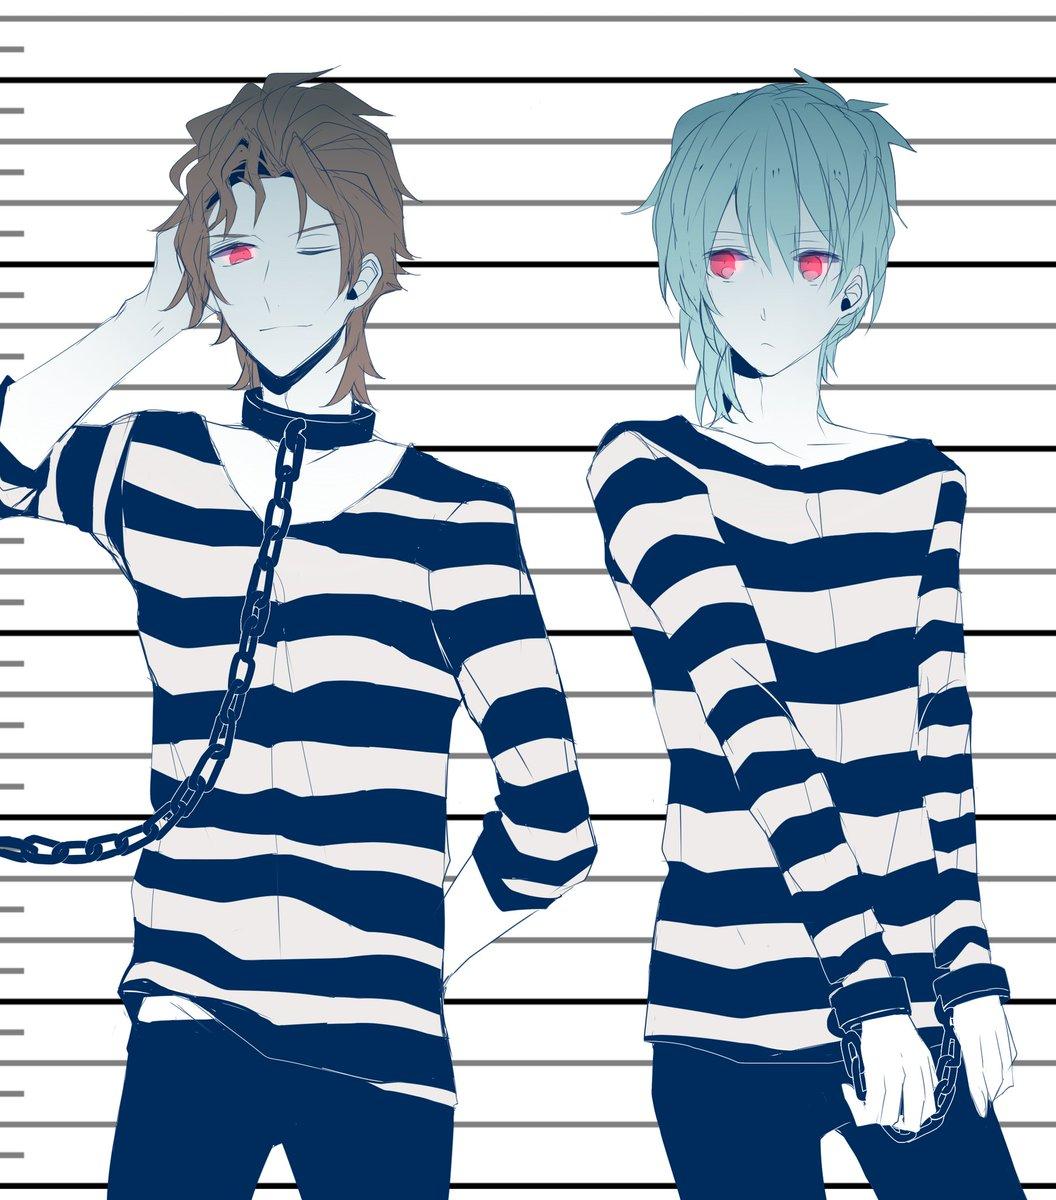 この2人あまり身長差がない(むしろ藍ちゃんのが高い)のたまらん